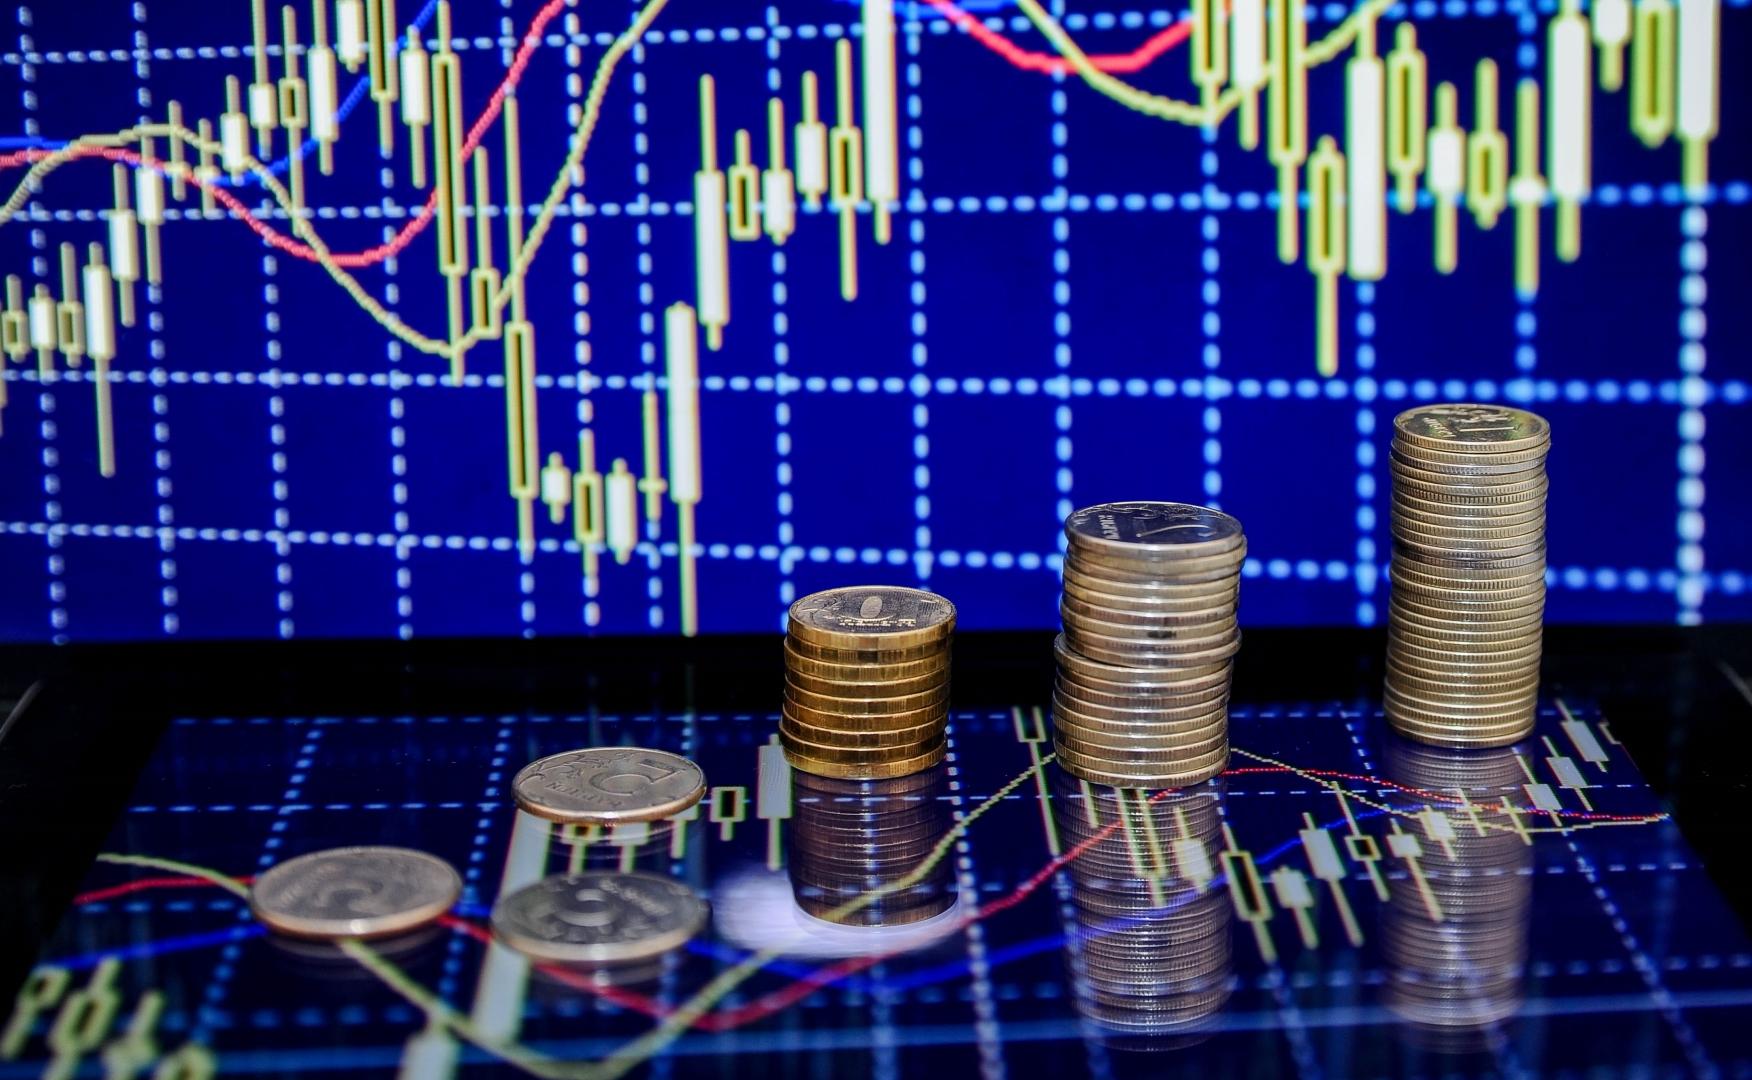 В Центробанке рассказали о связанных с цифровым рублём рисках